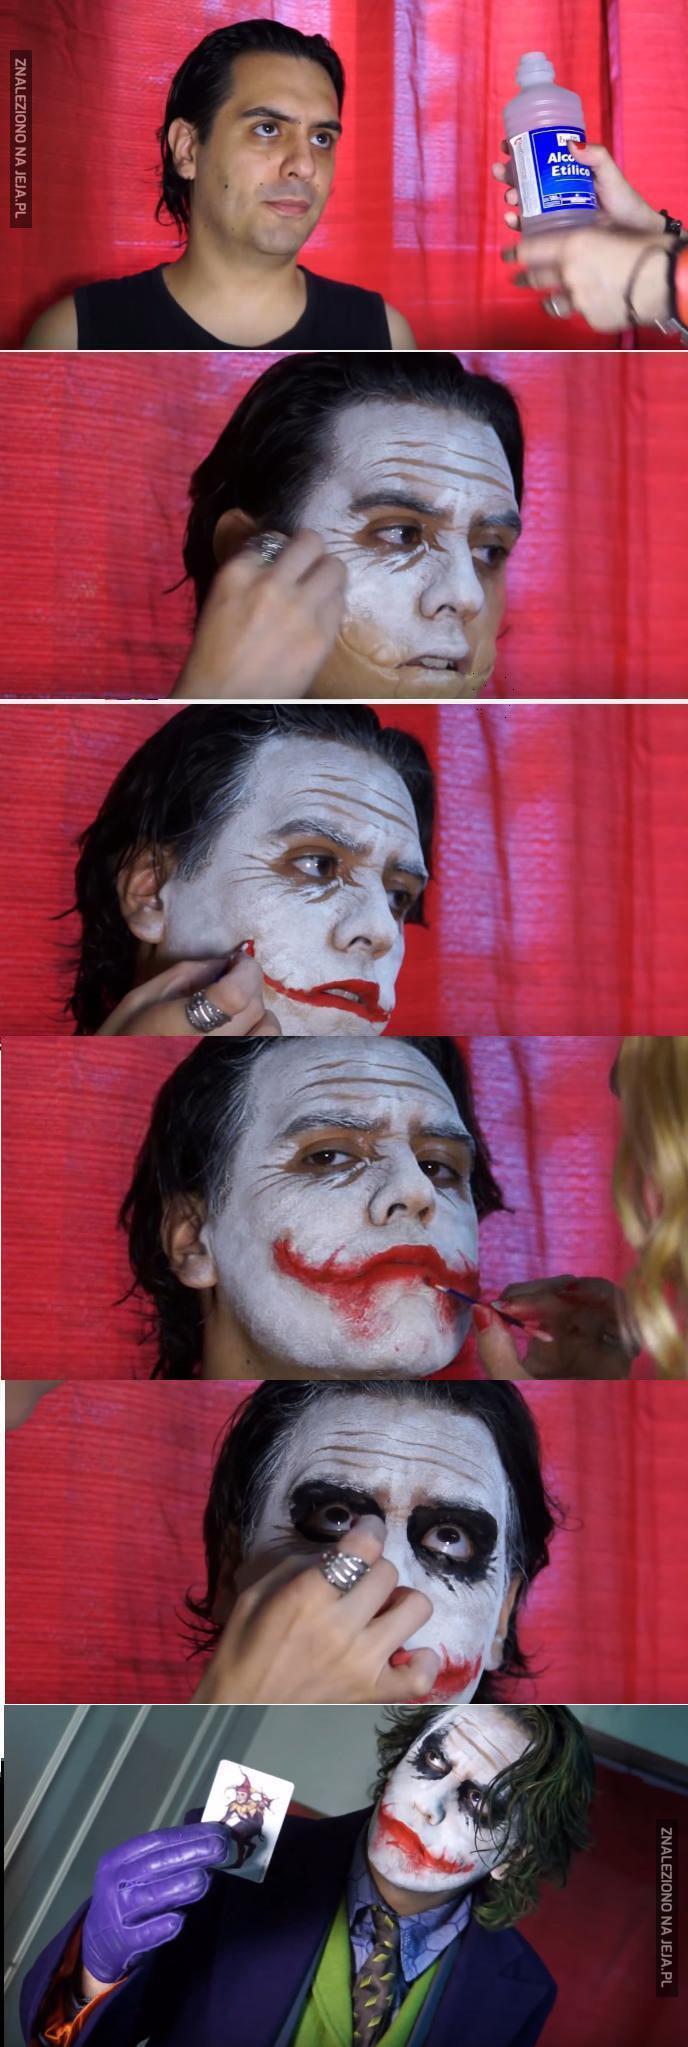 Niesamowity makijaż na Jokera